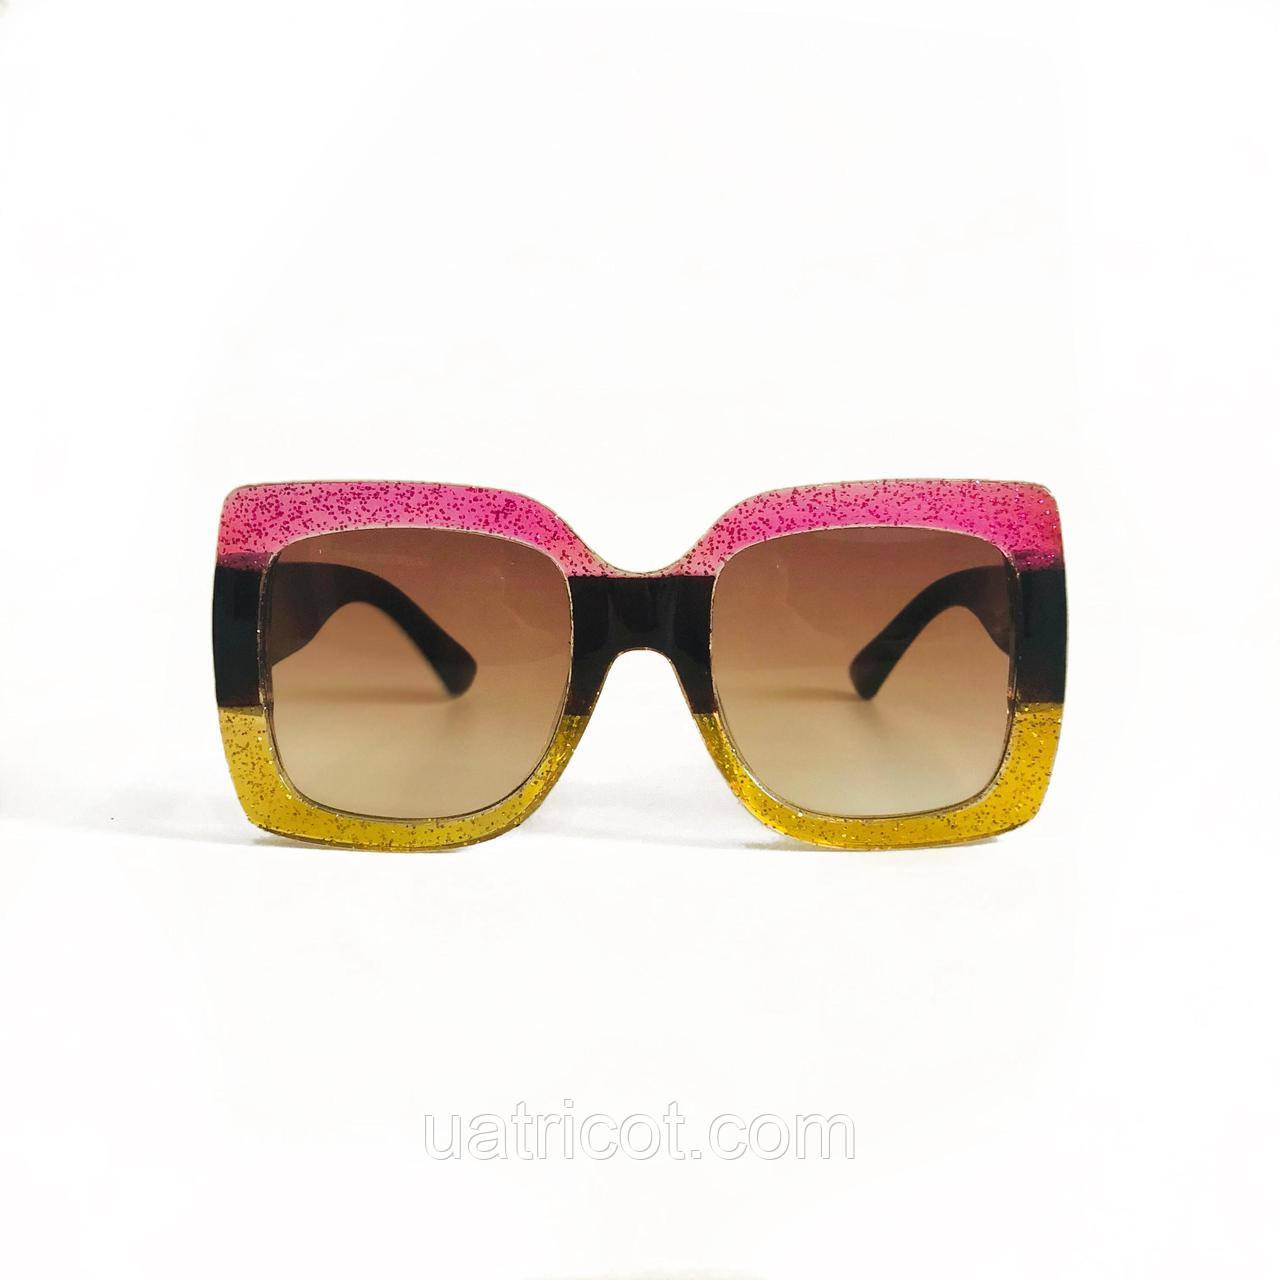 96baf4bc4eb1 Женские квадратные солнцезащитные очки Oversize в розовой оправе -  Интернет-магазин